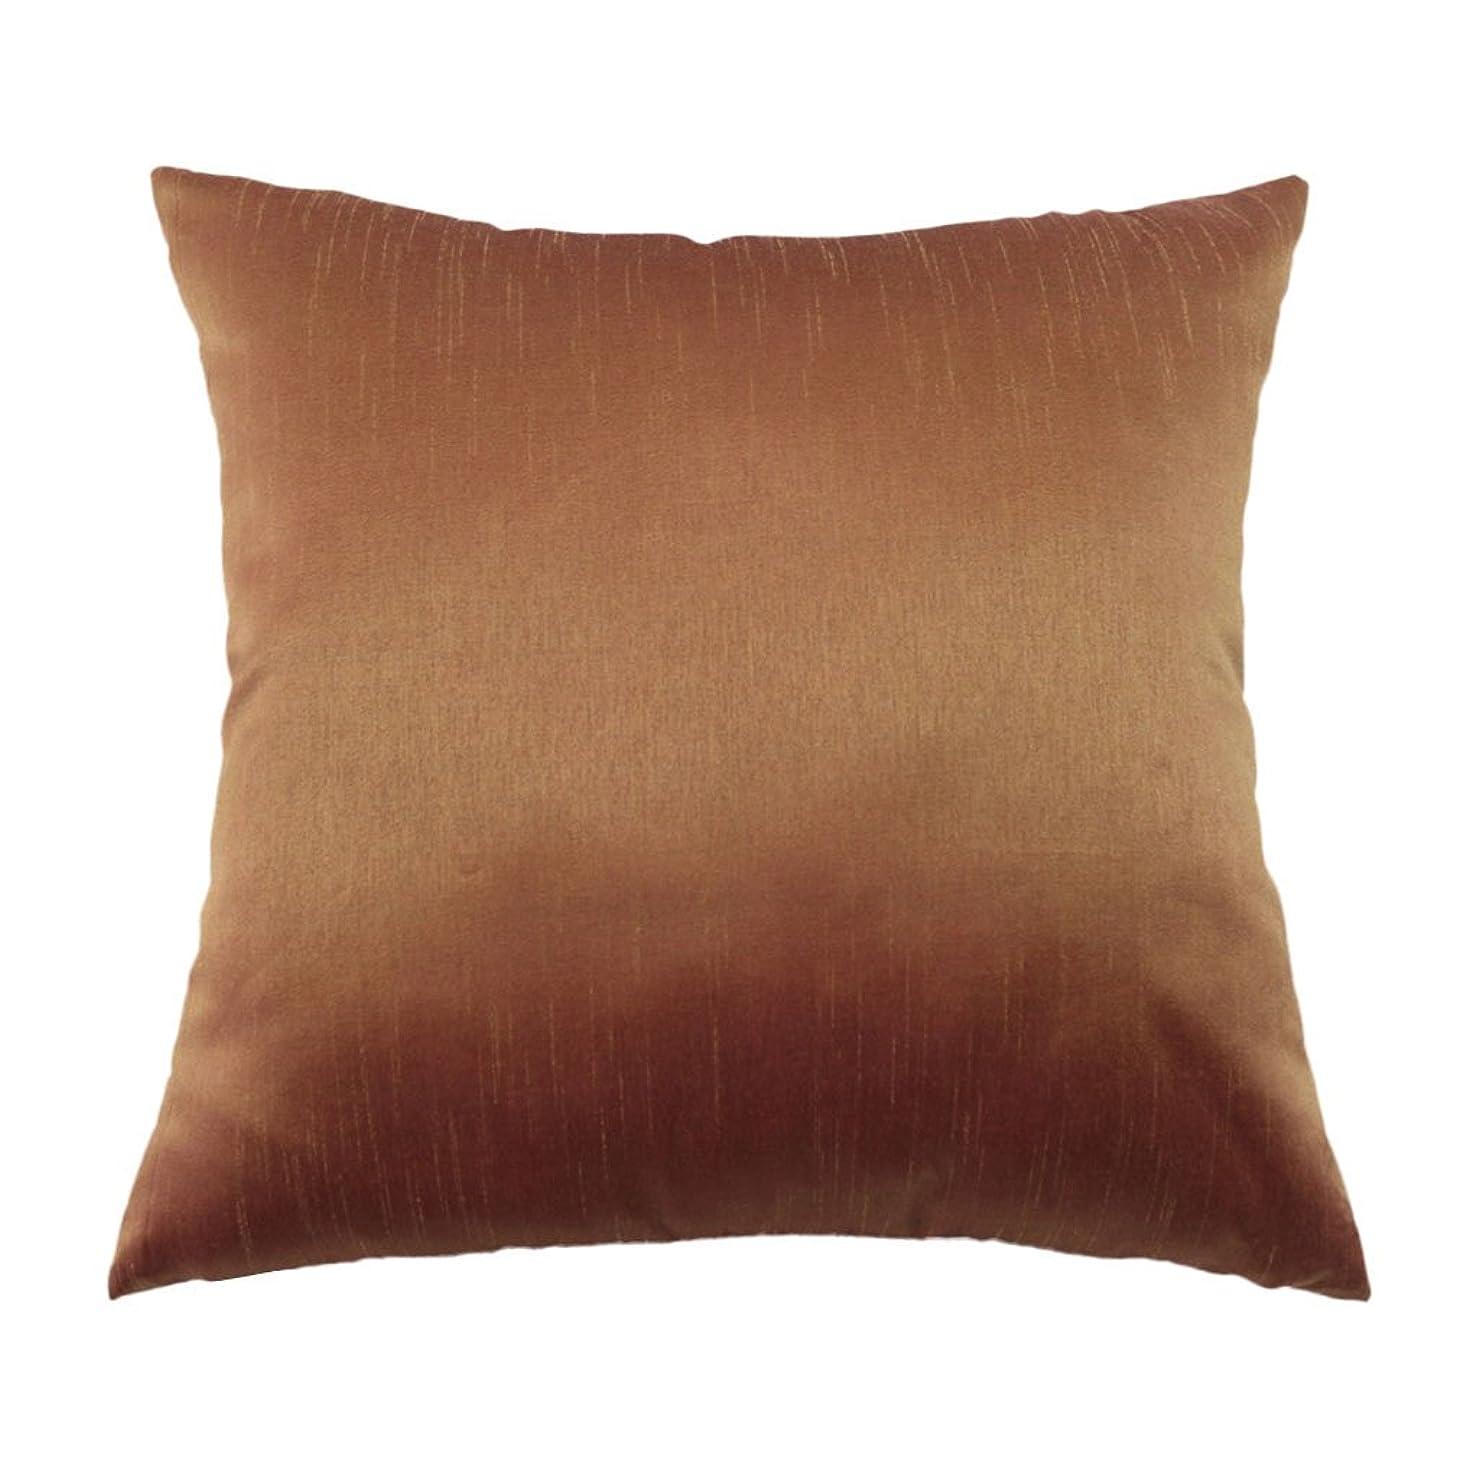 精度タイヤ葬儀枕カバー ピローケース 人工シルク製 柔らかさ 約45x45cm 全12色 - 2